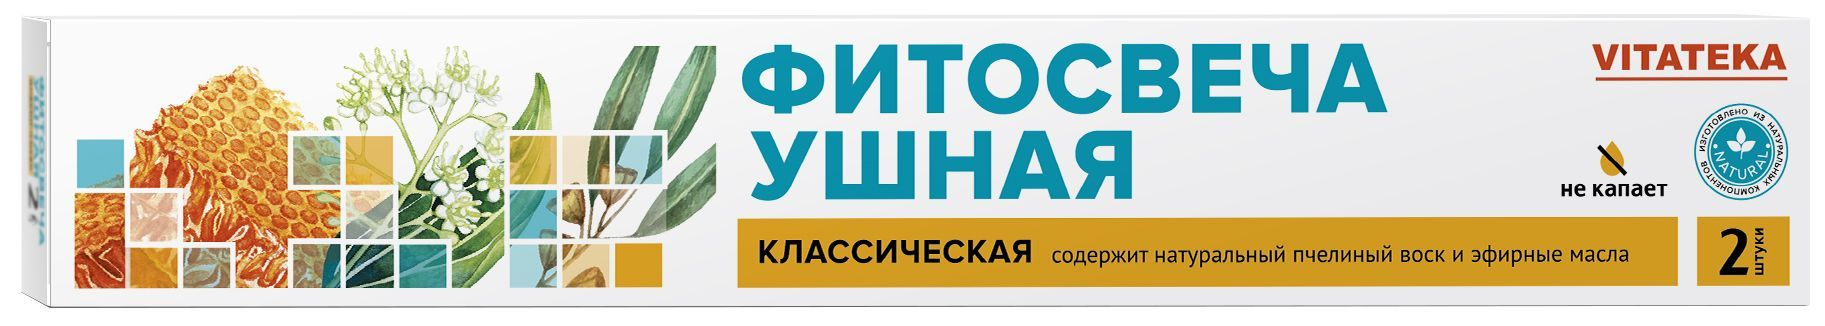 фото упаковки Витатека Фитосвеча ушная Классическая